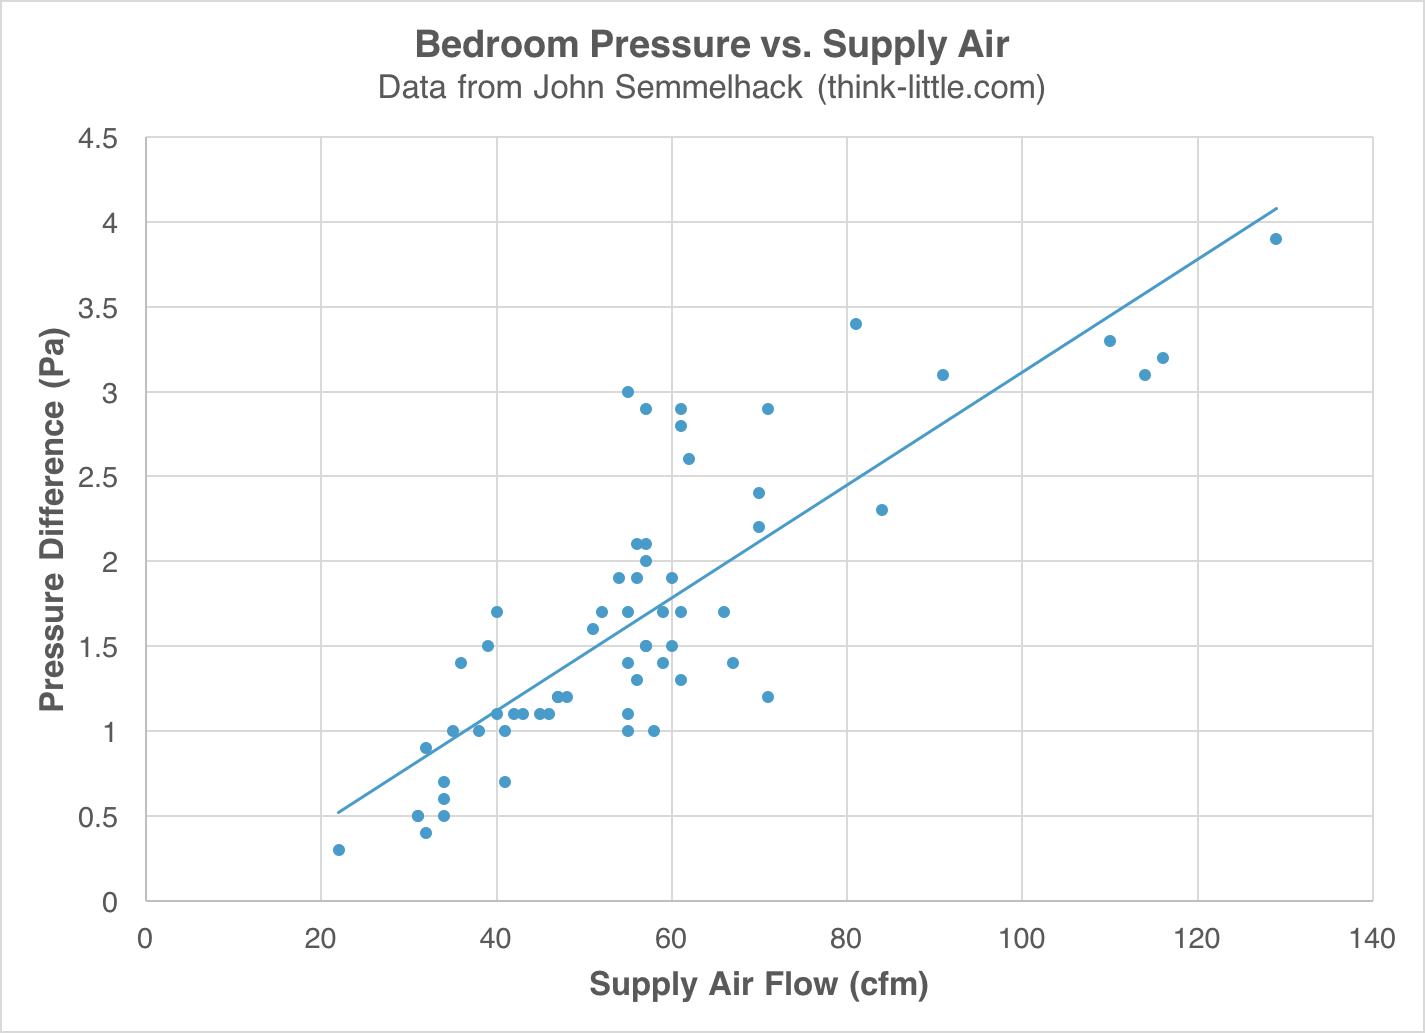 Pressure vs. supply air flow in bedrooms with door undercut as return air pathway